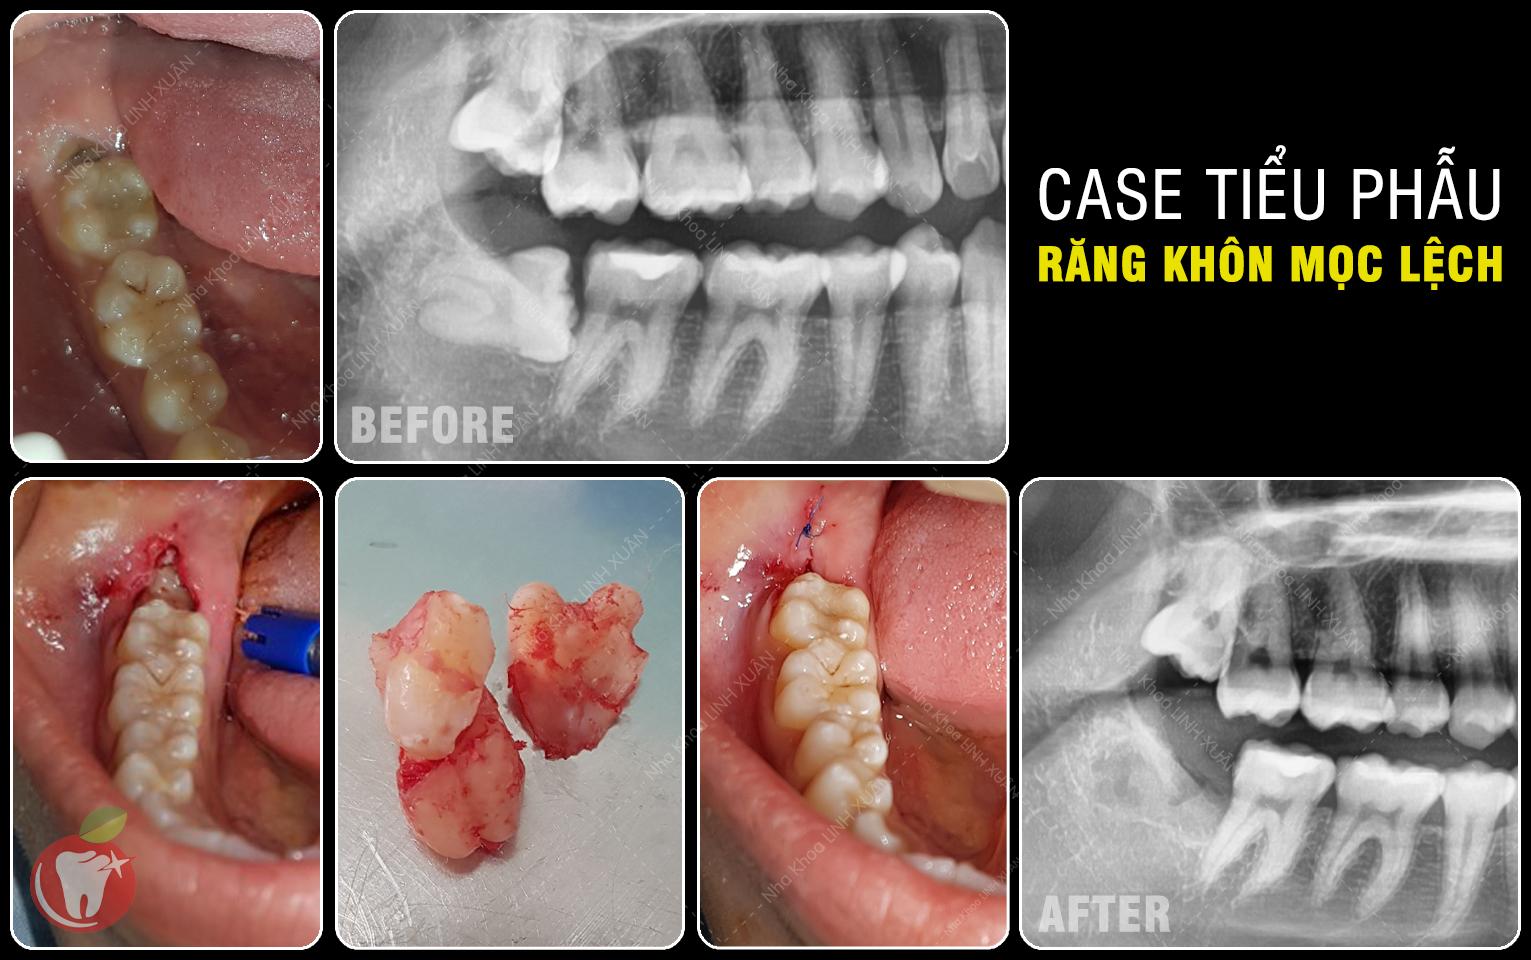 Tiểu phẫu nhổ răng khôn